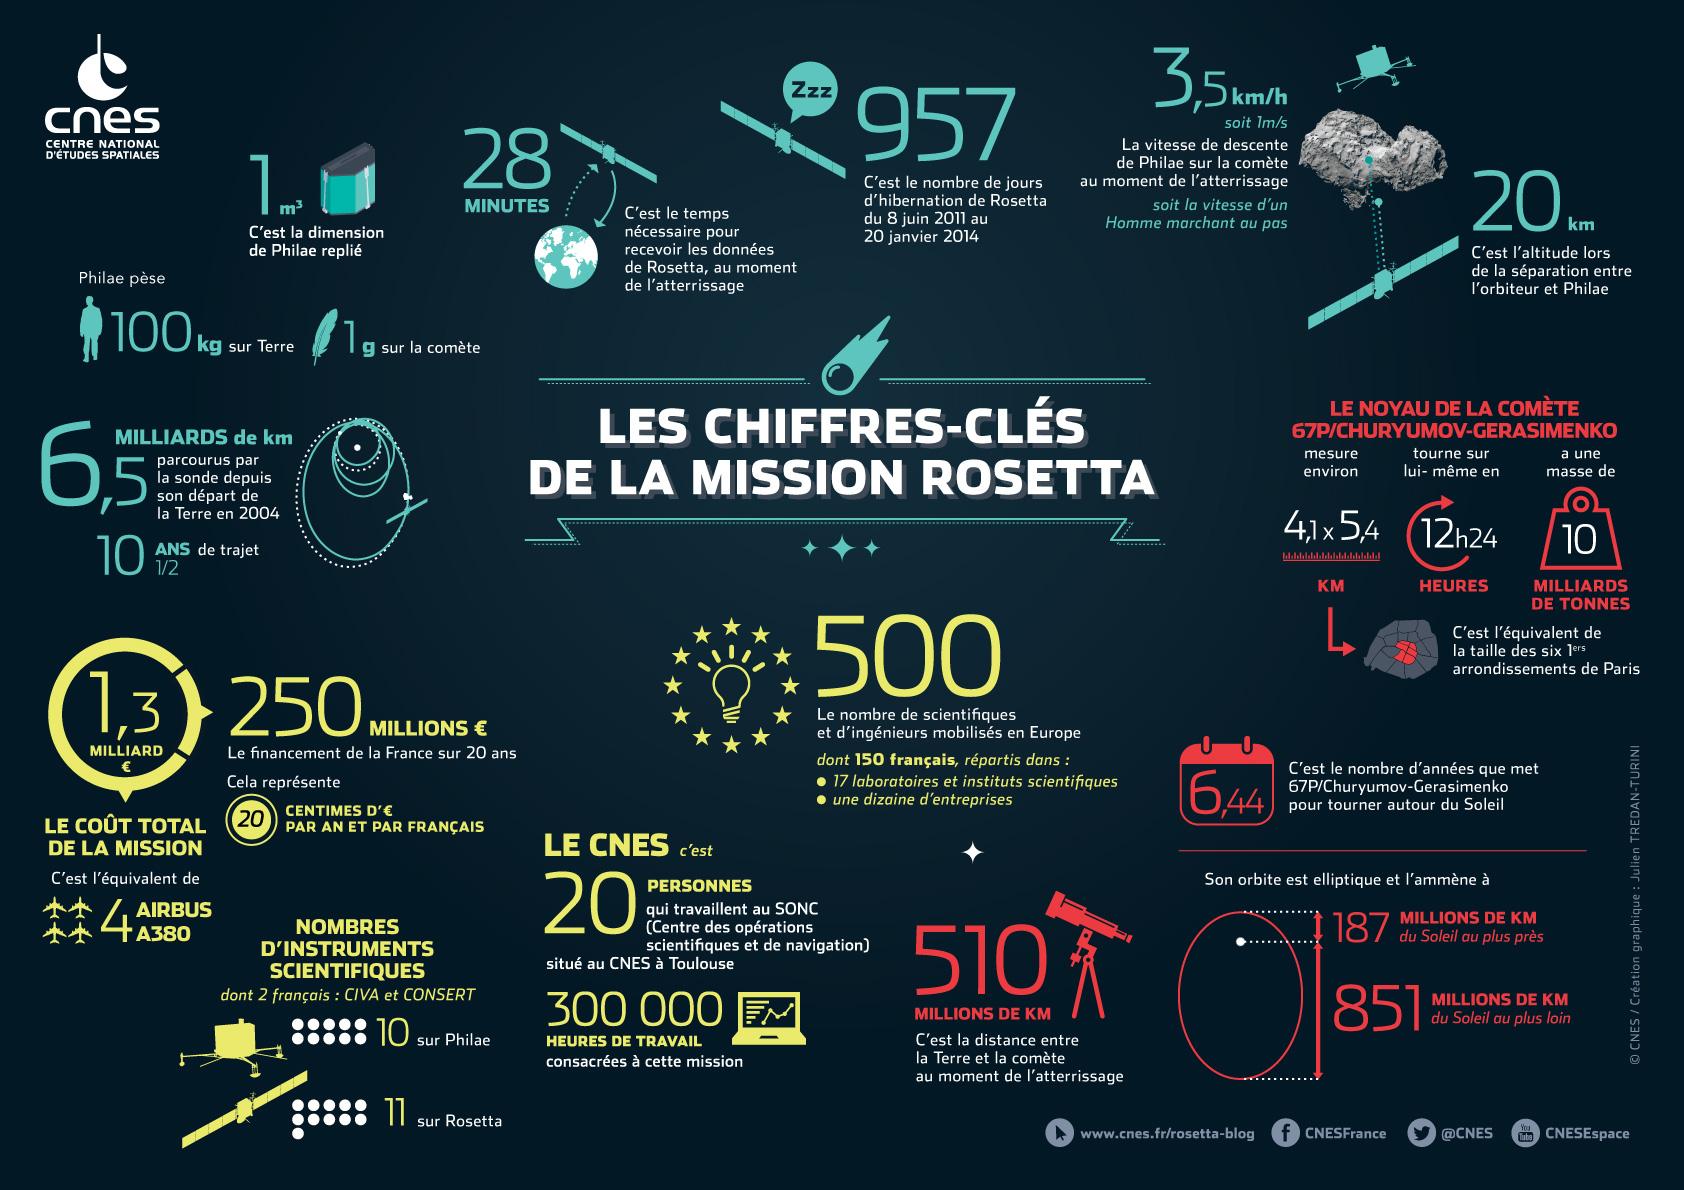 L'actualité de Rosetta - Page 2 Rosetta_chiffres